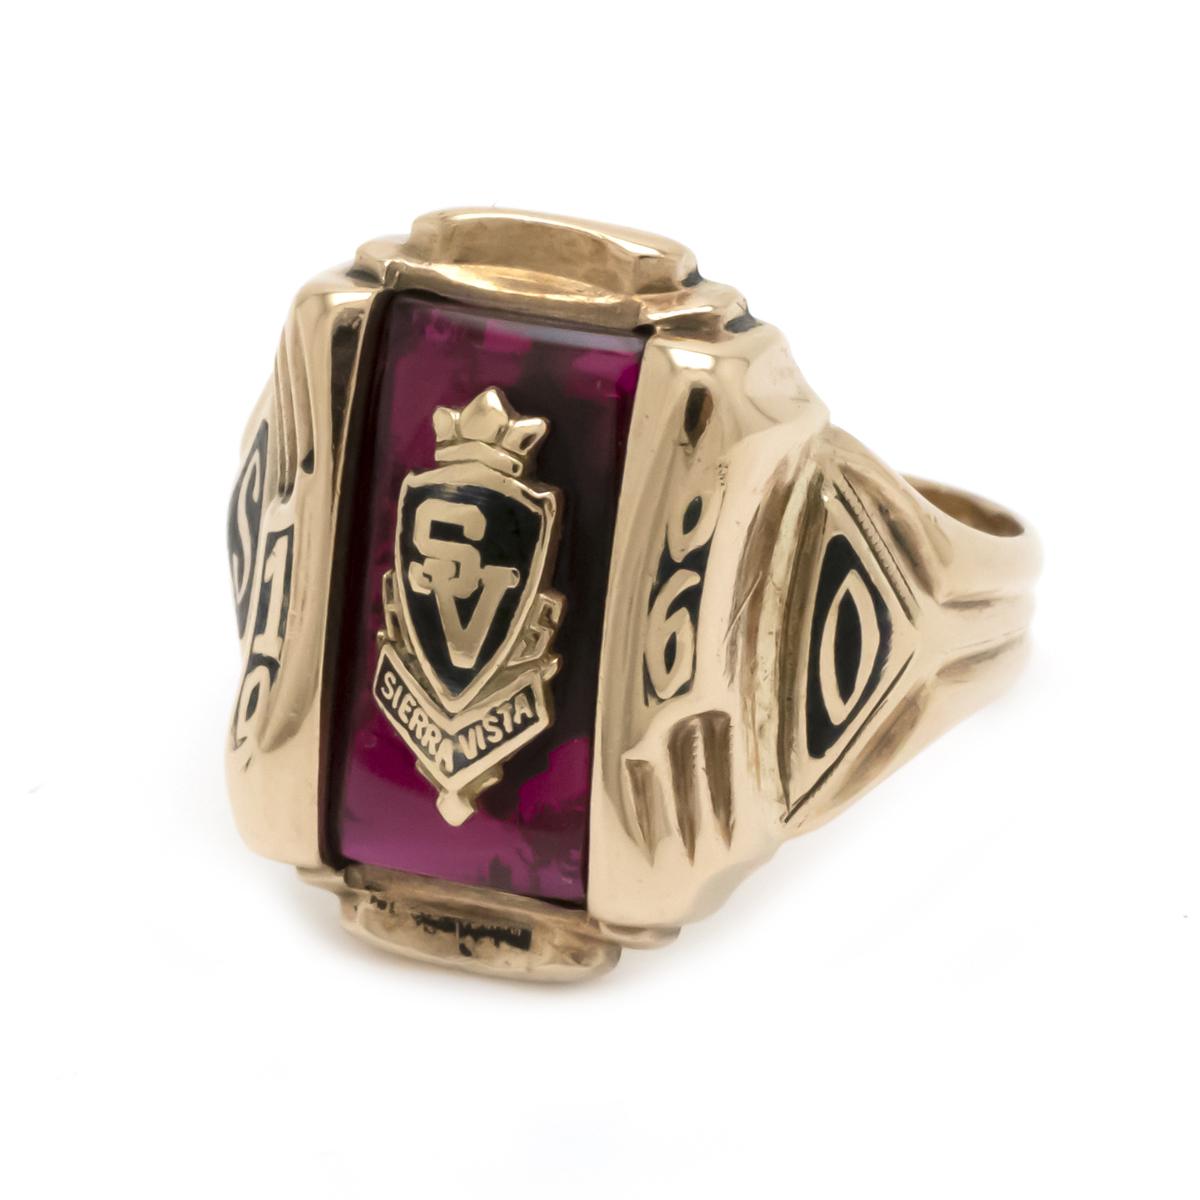 #18 18号 ジュエリー HERFF JONES ハーフ ジョンズ まとめ買い特価 カレッジリング ヴィンテージリング 1966年製 市販 イエローゴールド 赤 色石 K10YG レッド 指輪 リング 中古